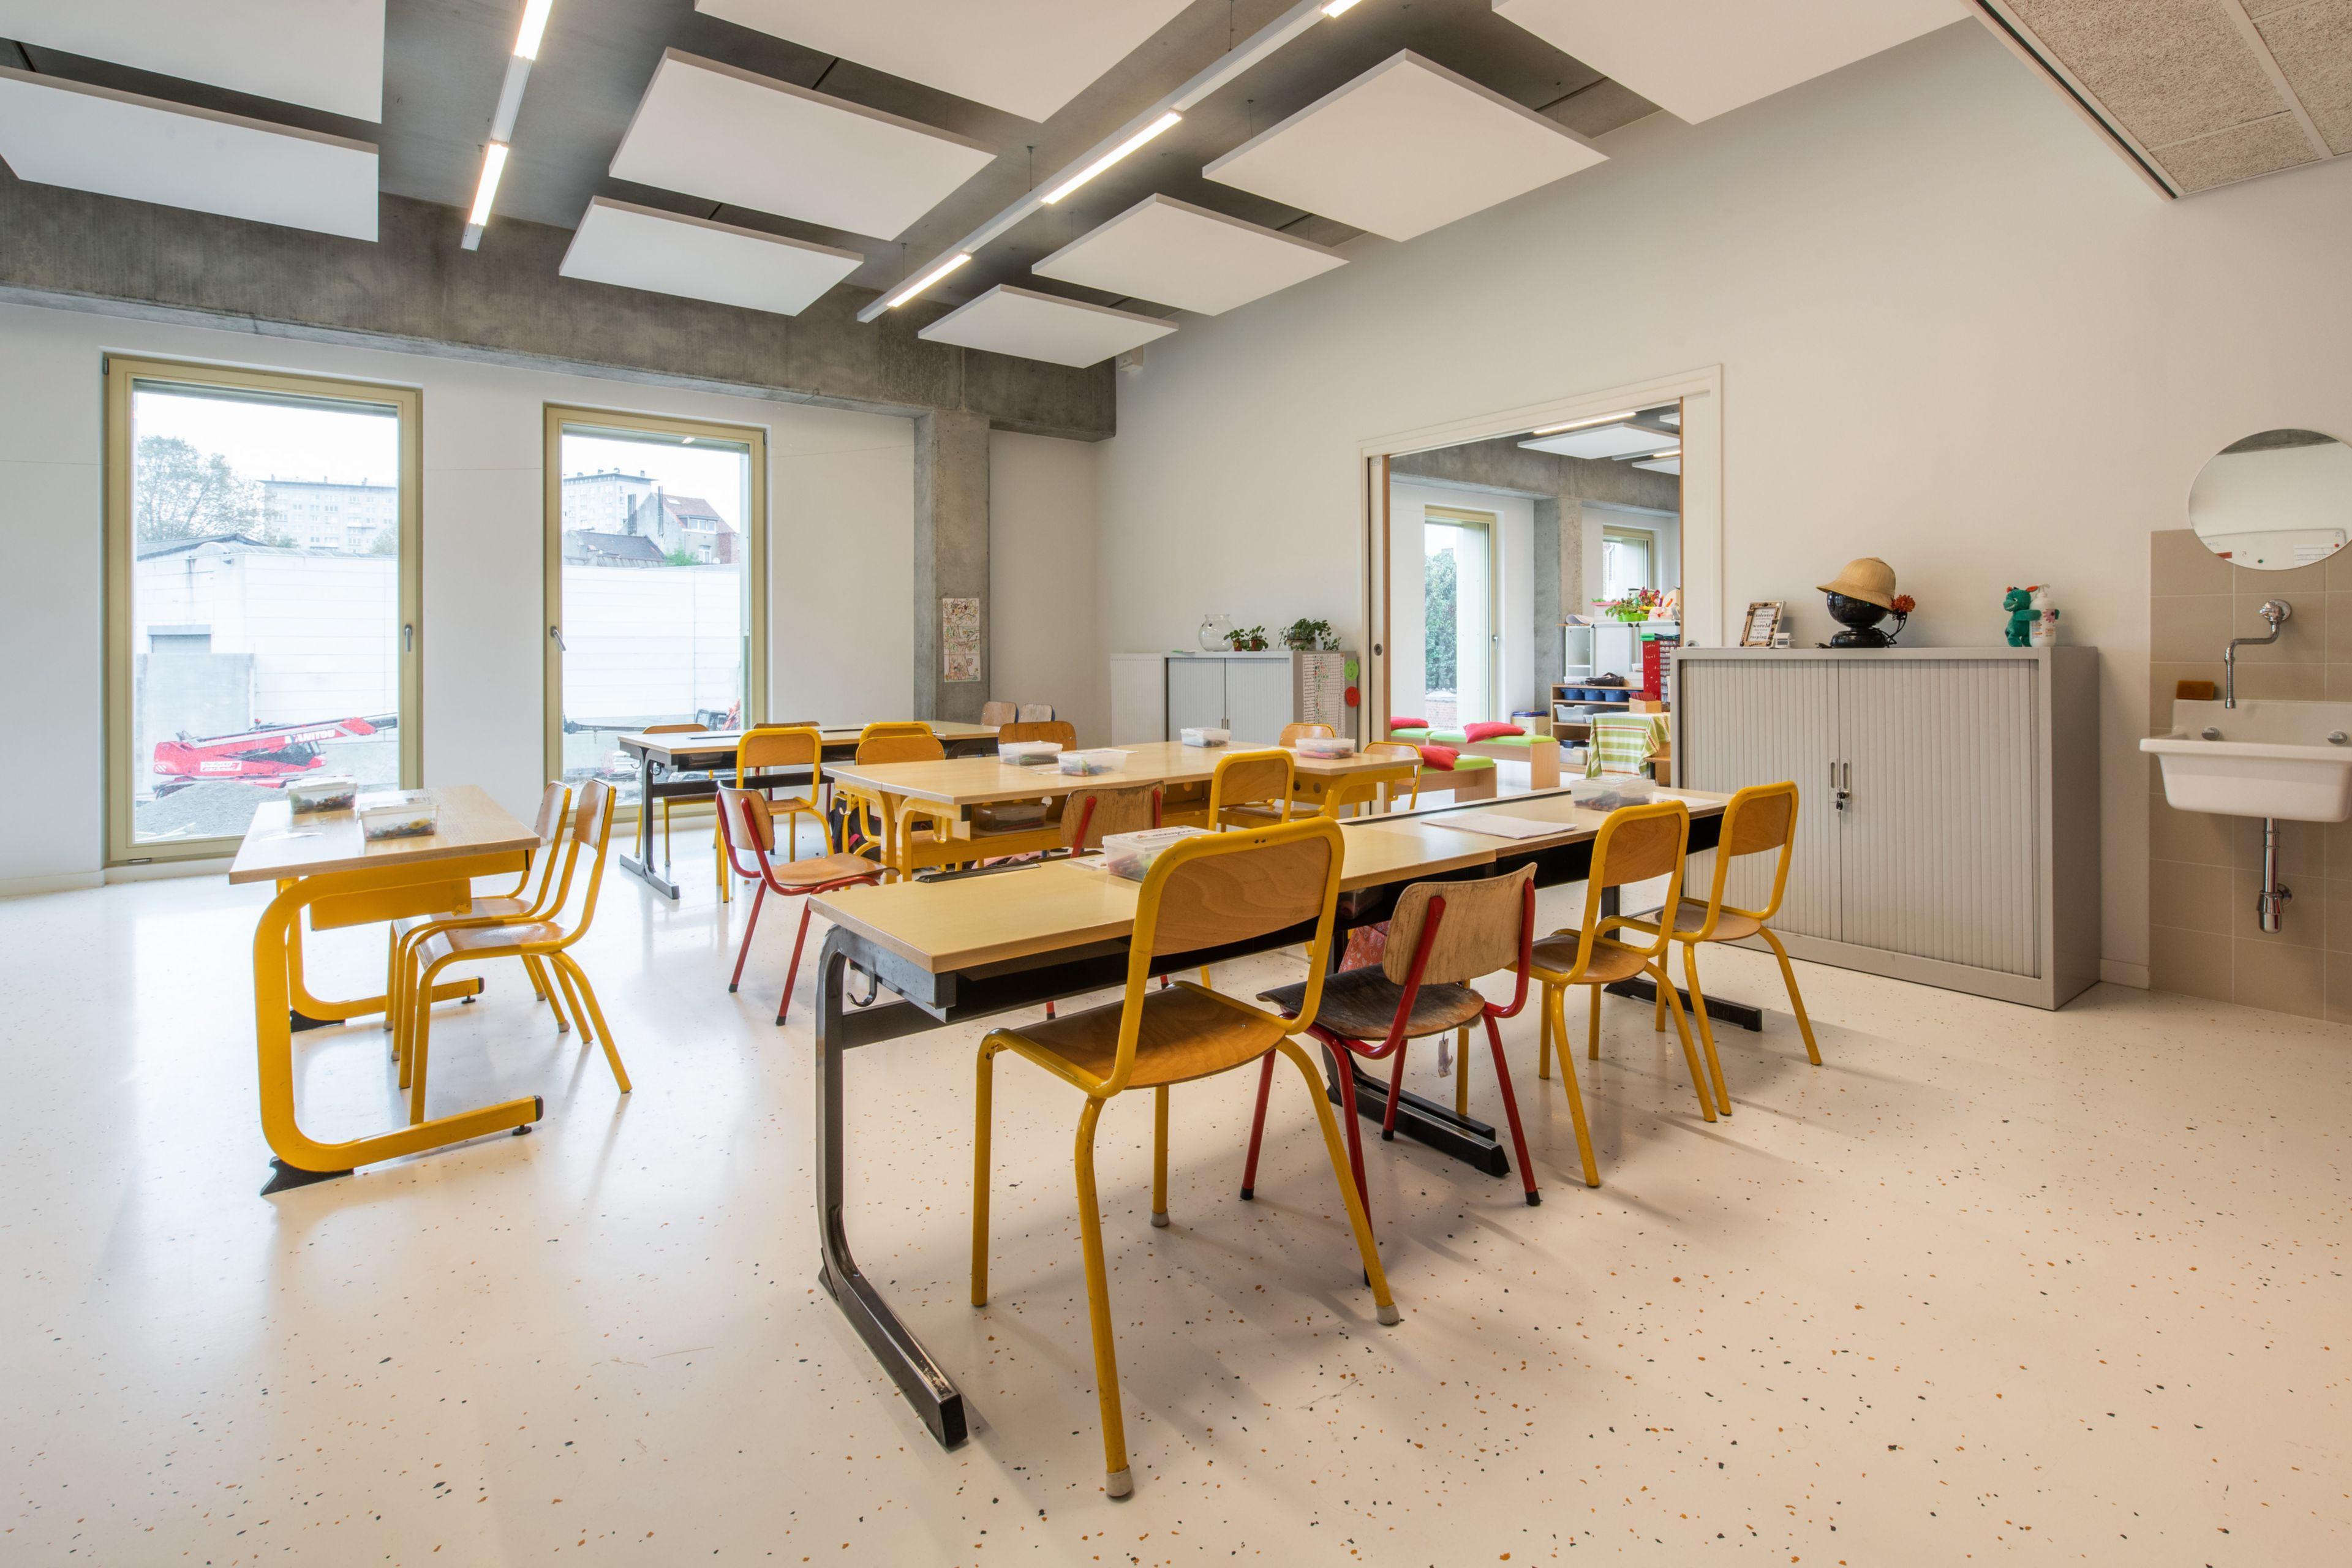 Municipal Primary School Ket, Belgium